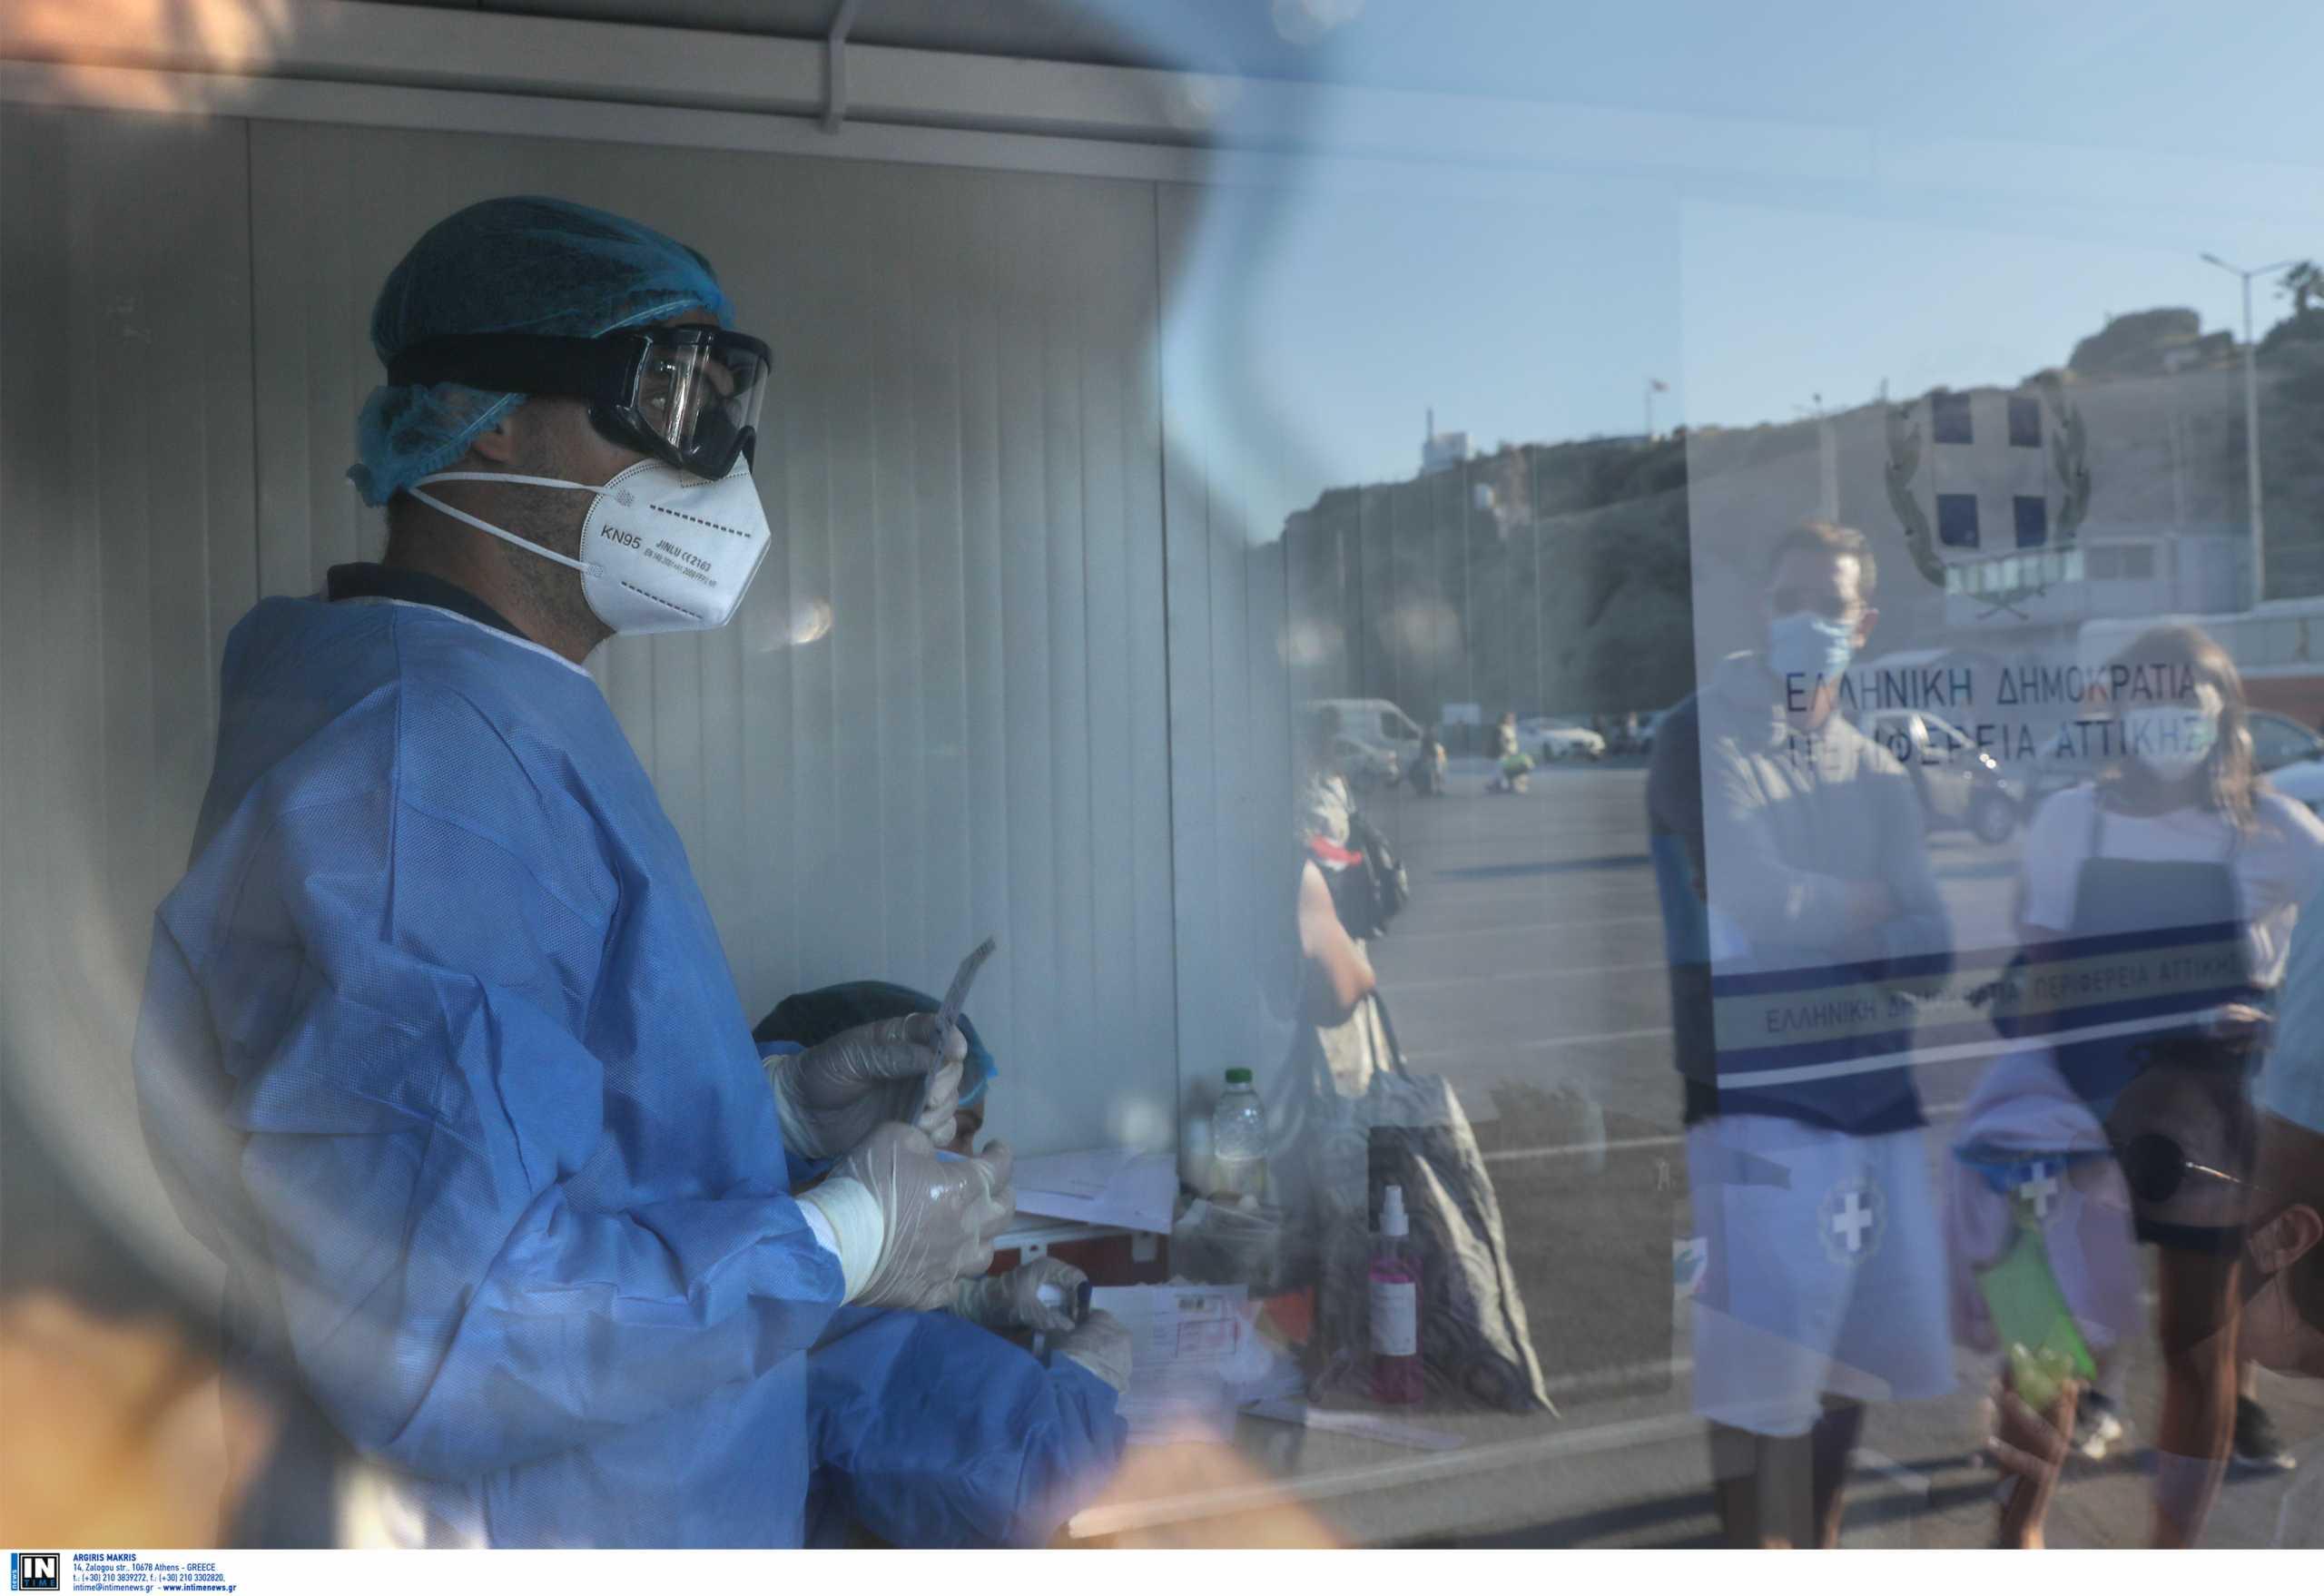 Να επεκταθεί το ακαταδίωκτο για όλους τους υγειονομικούς ζητά και ο Ιατρικός Σύλλογος Αθηνών